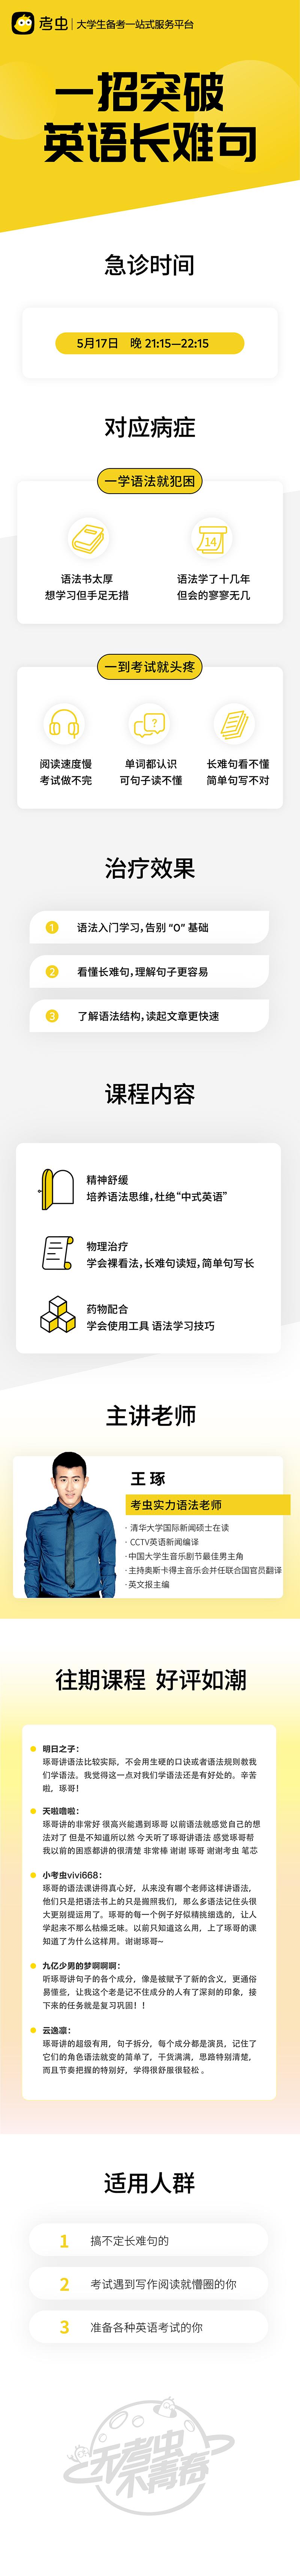 2017-8老中医零基础语法课-01.png